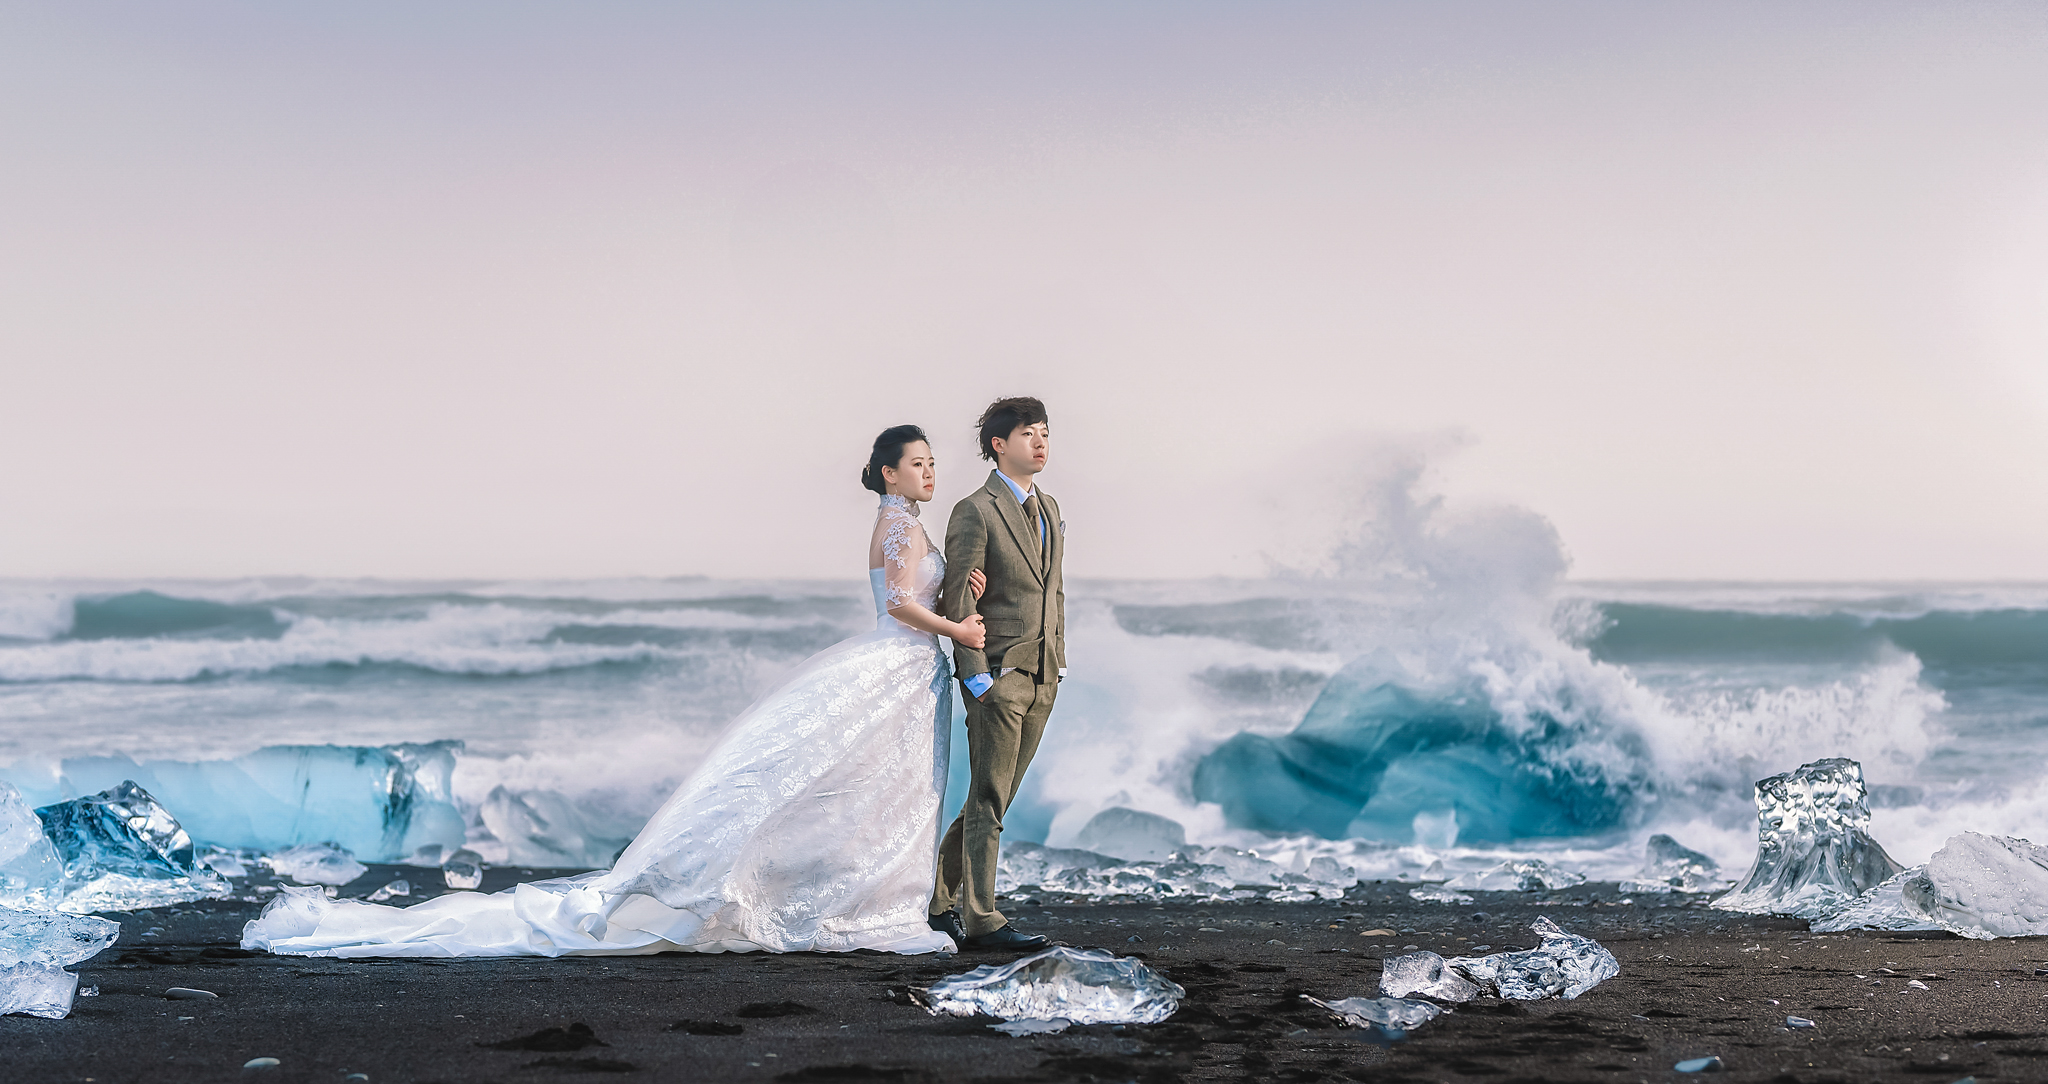 Diamond-beach-iceland-wedding-portrait-by-edwin-tan